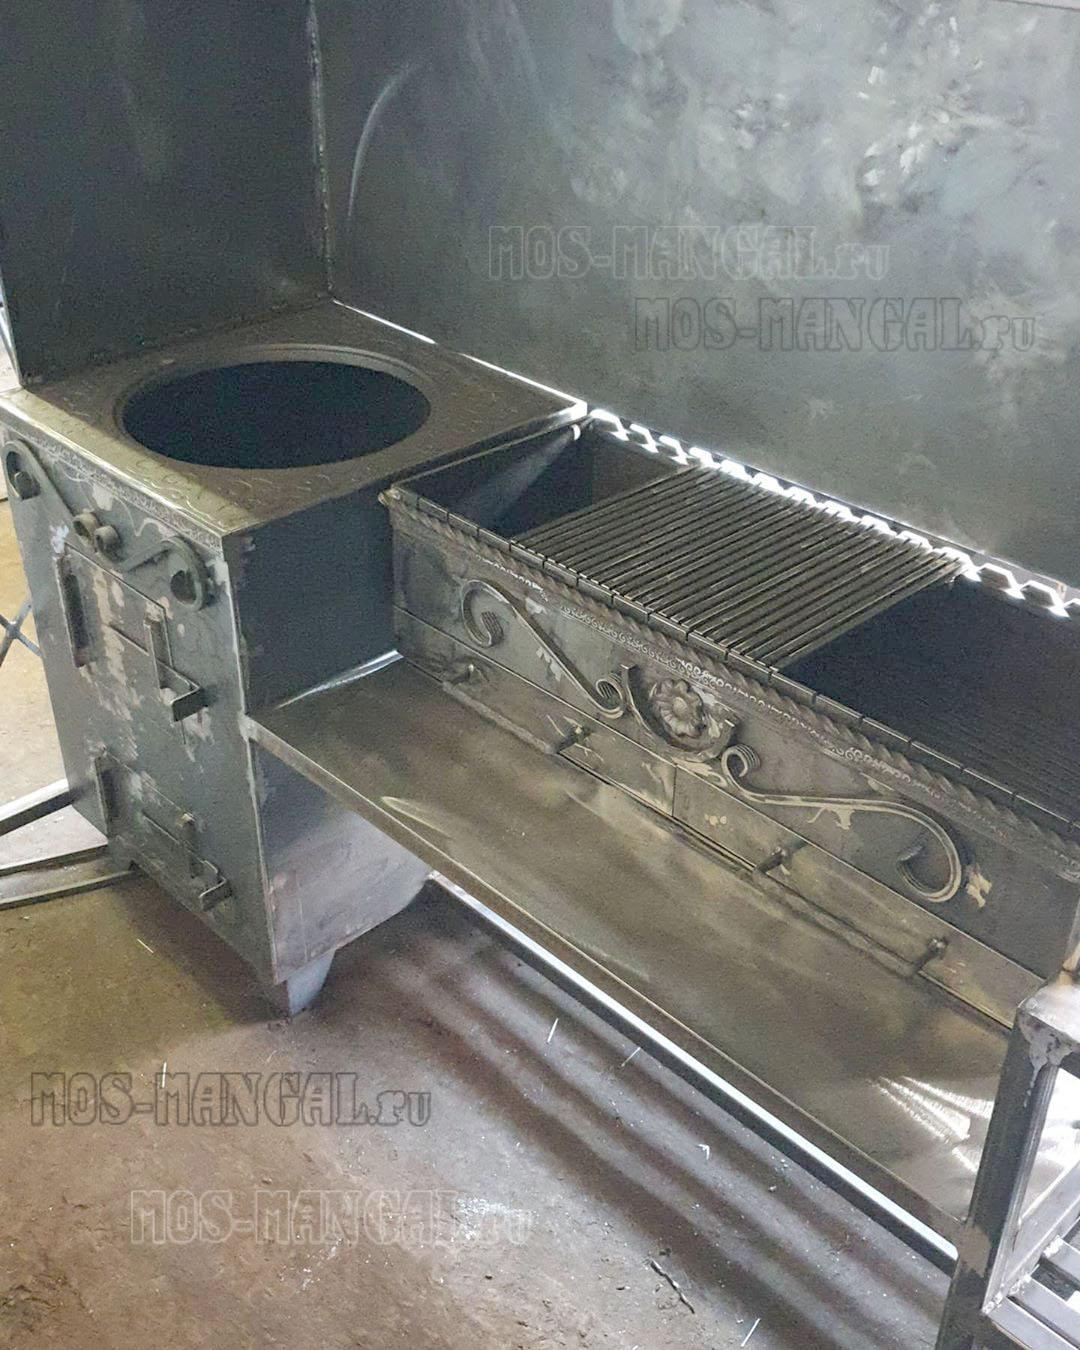 Печь и жаровня мангала